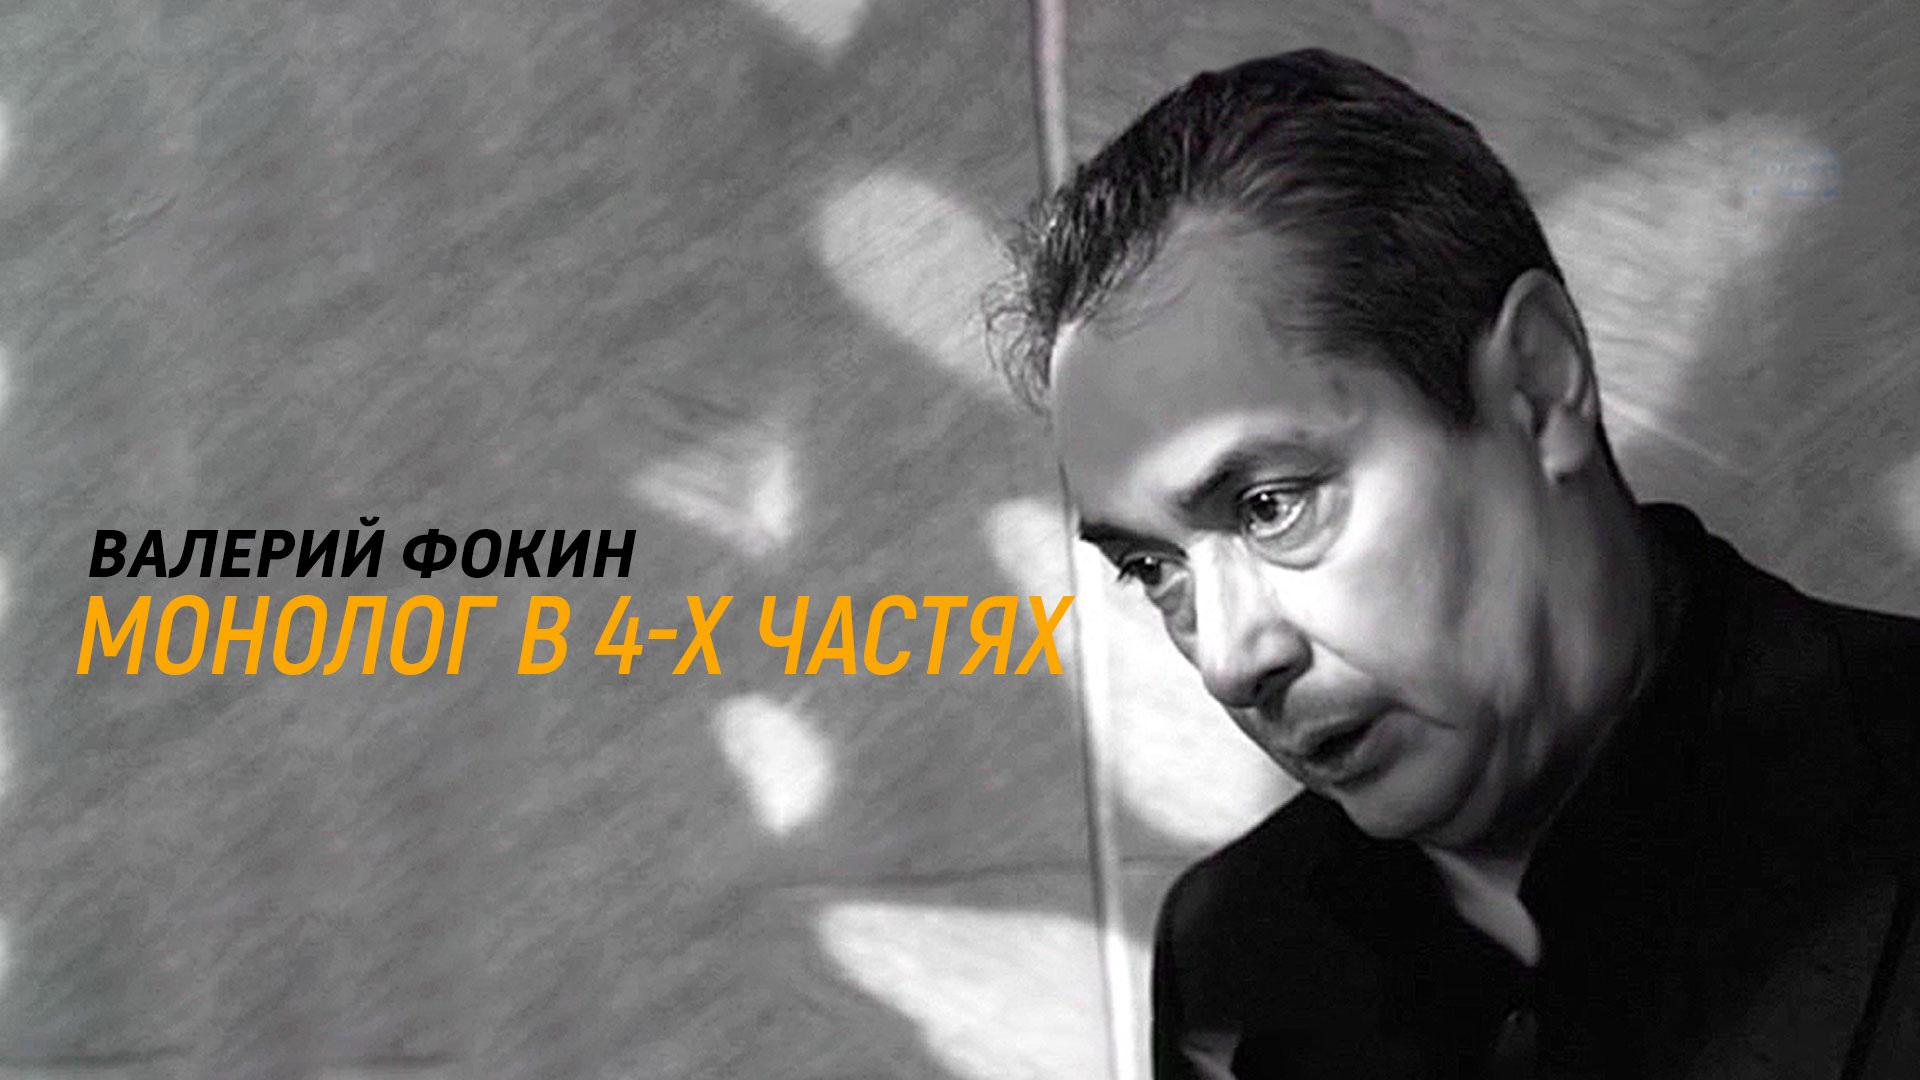 Монолог в 4-х частях. Валерий Фокин